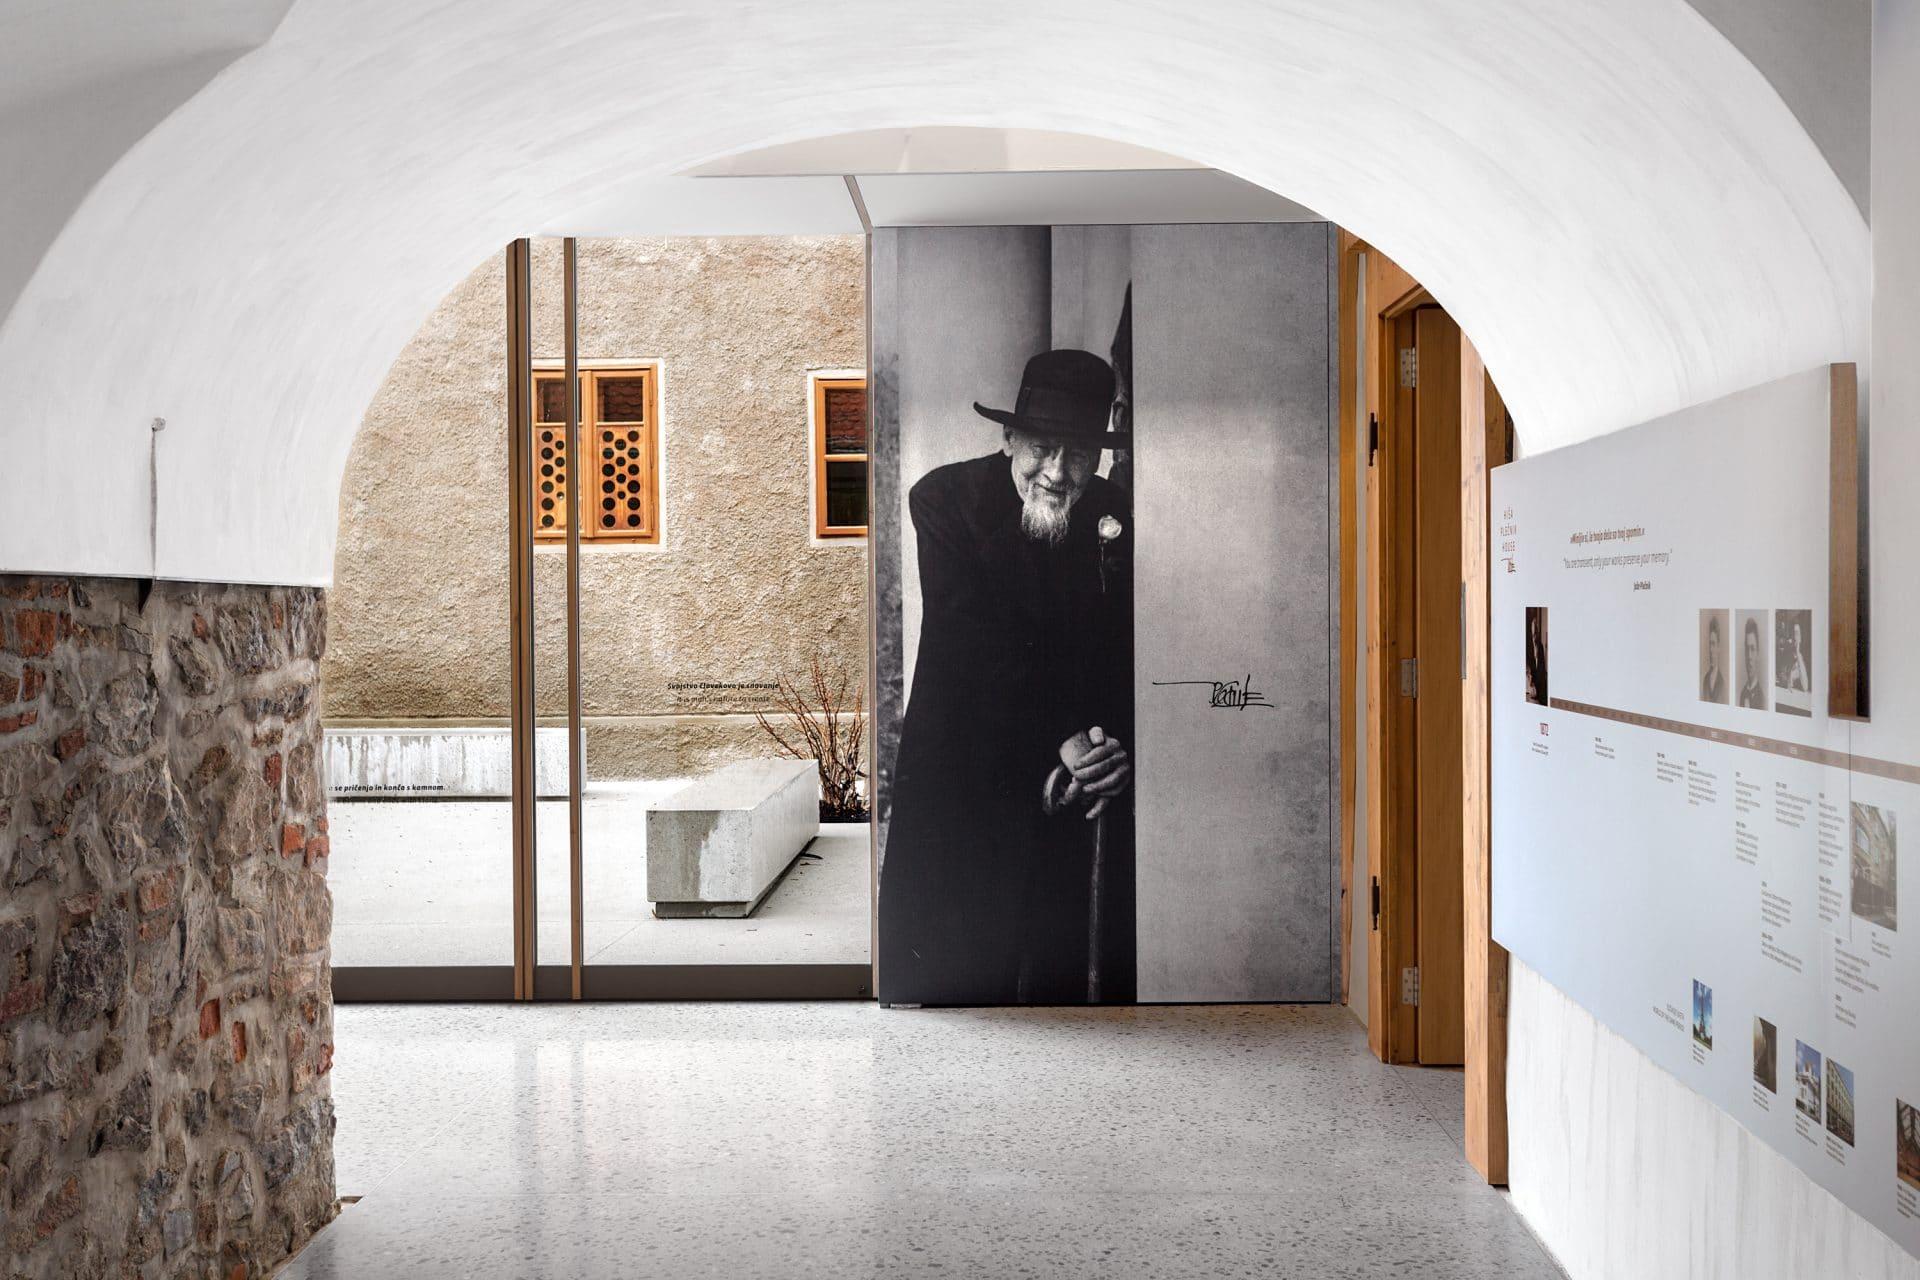 Plečnik House entry and a picture of Jože Plečnik, the famous architect from Ljubljana